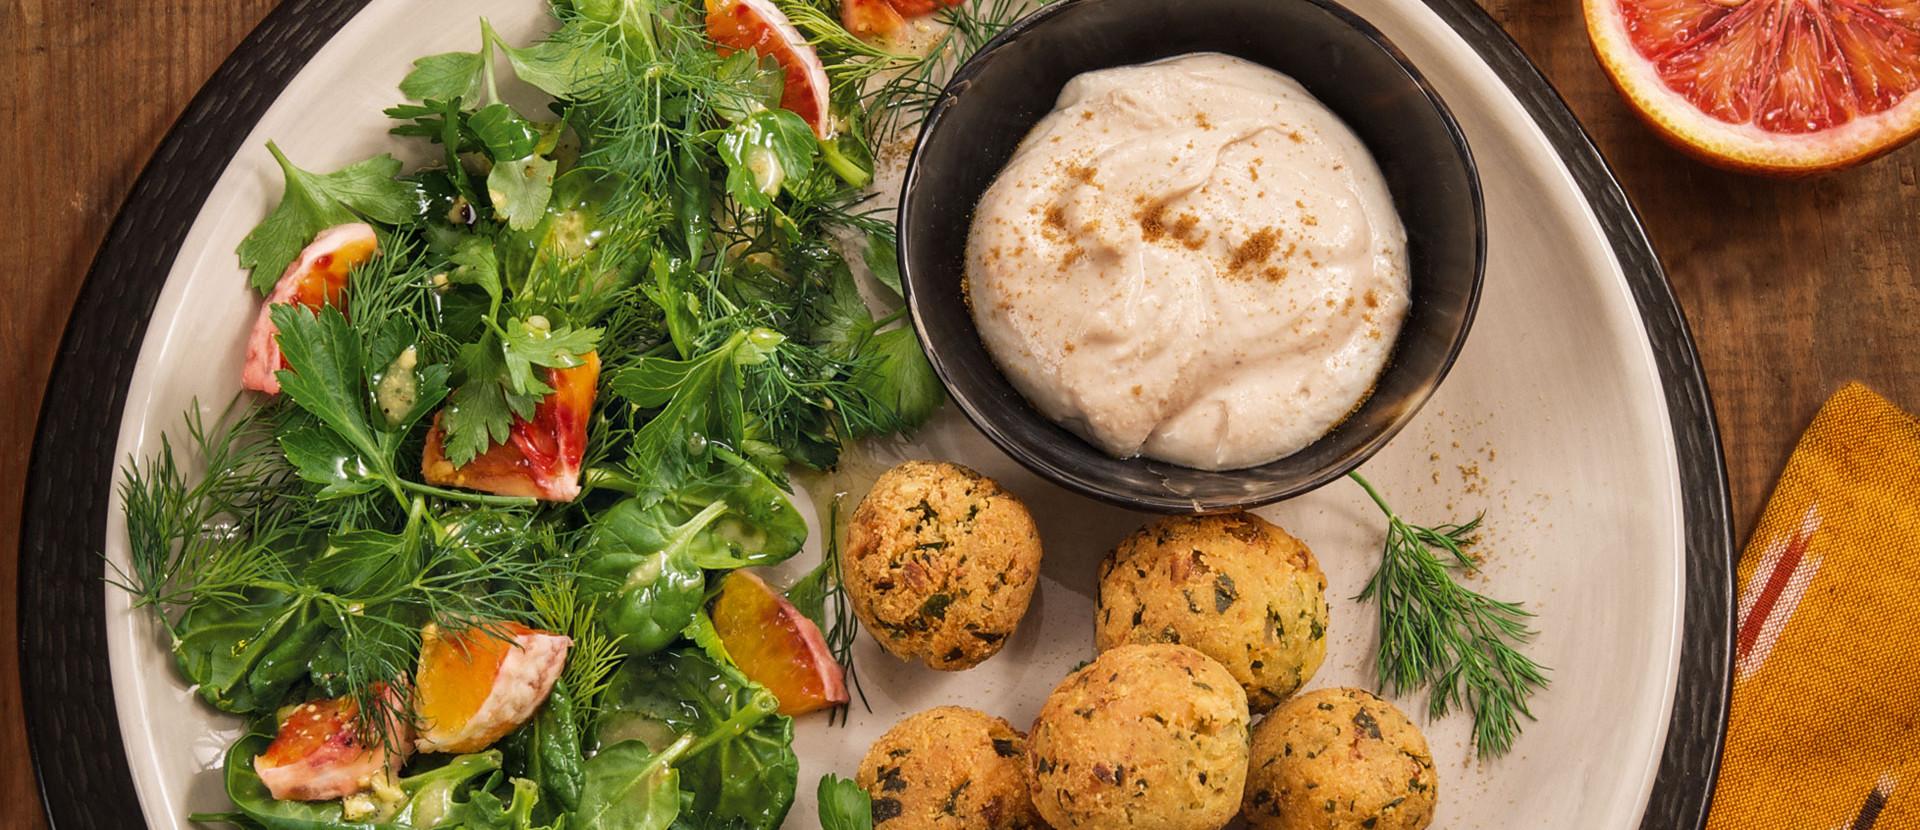 Falafel Kraeutersalat Tahinsauce